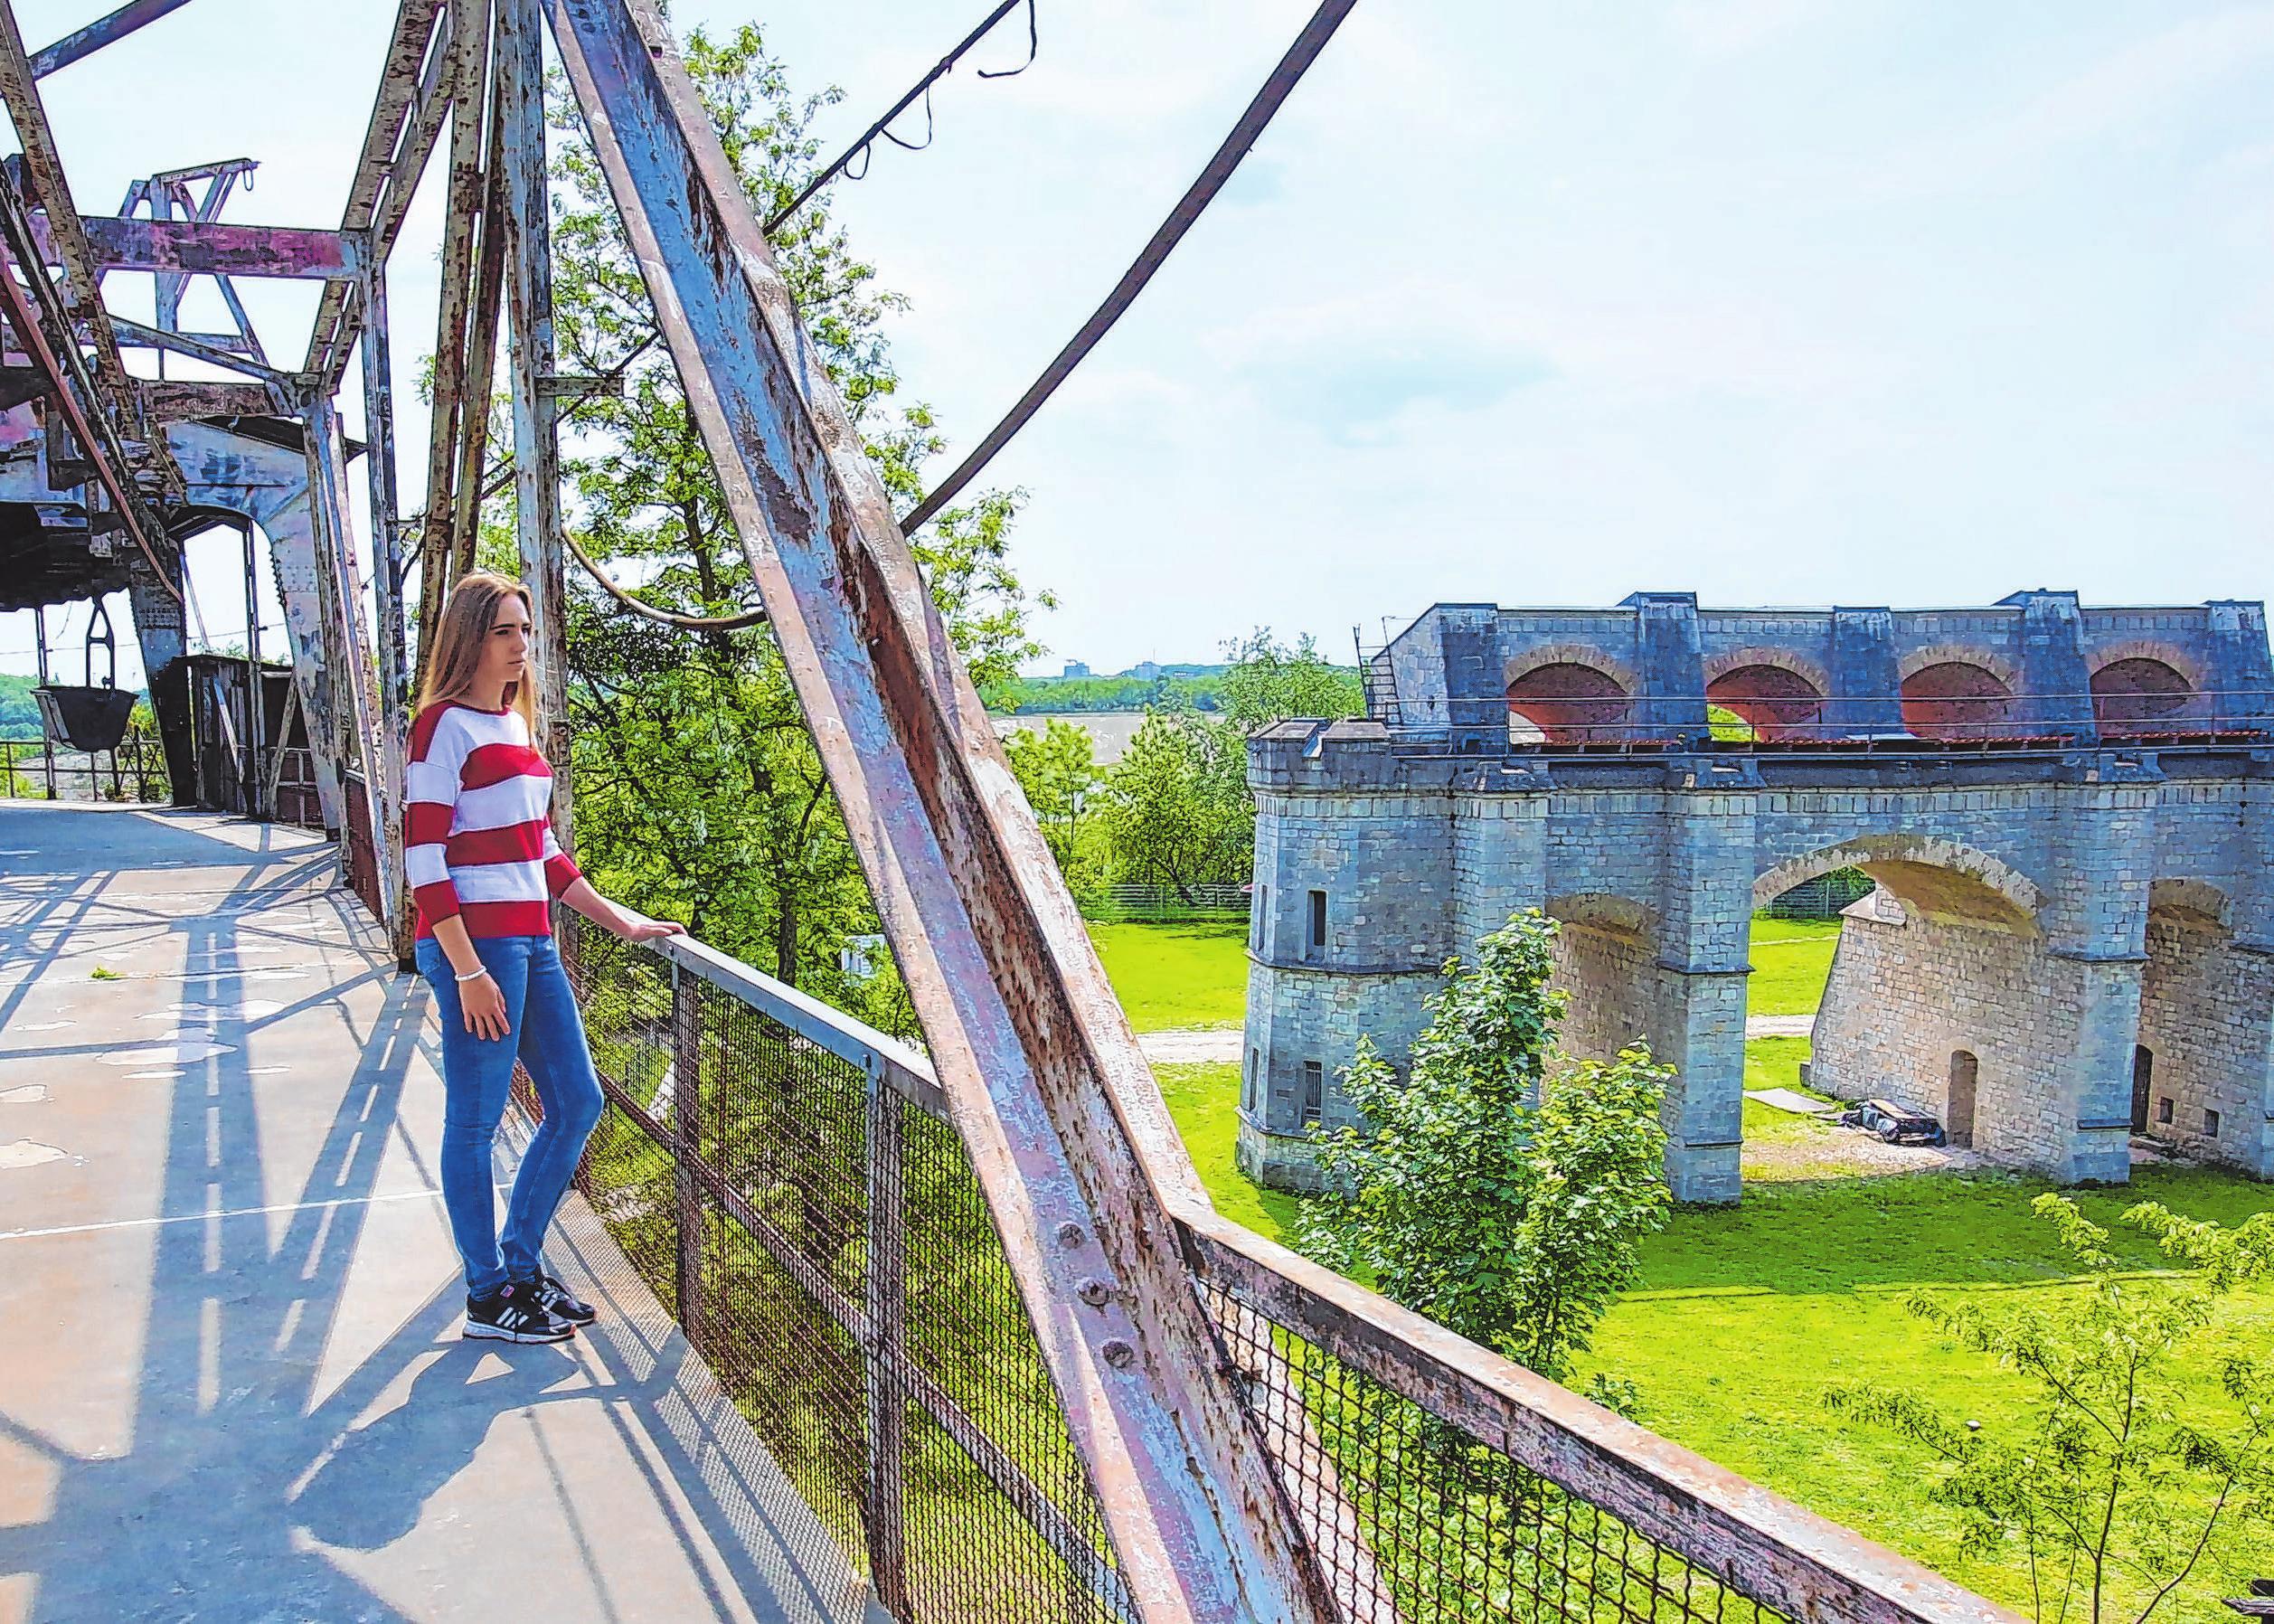 Den Frühling kann man auch wieder im Museumspark Rüdersdorf genießen. Hier ein Blick von der Seilbahnumlenkstation auf den Seilscheibenpfeiler. Foto: Gerd Markert/Archiv